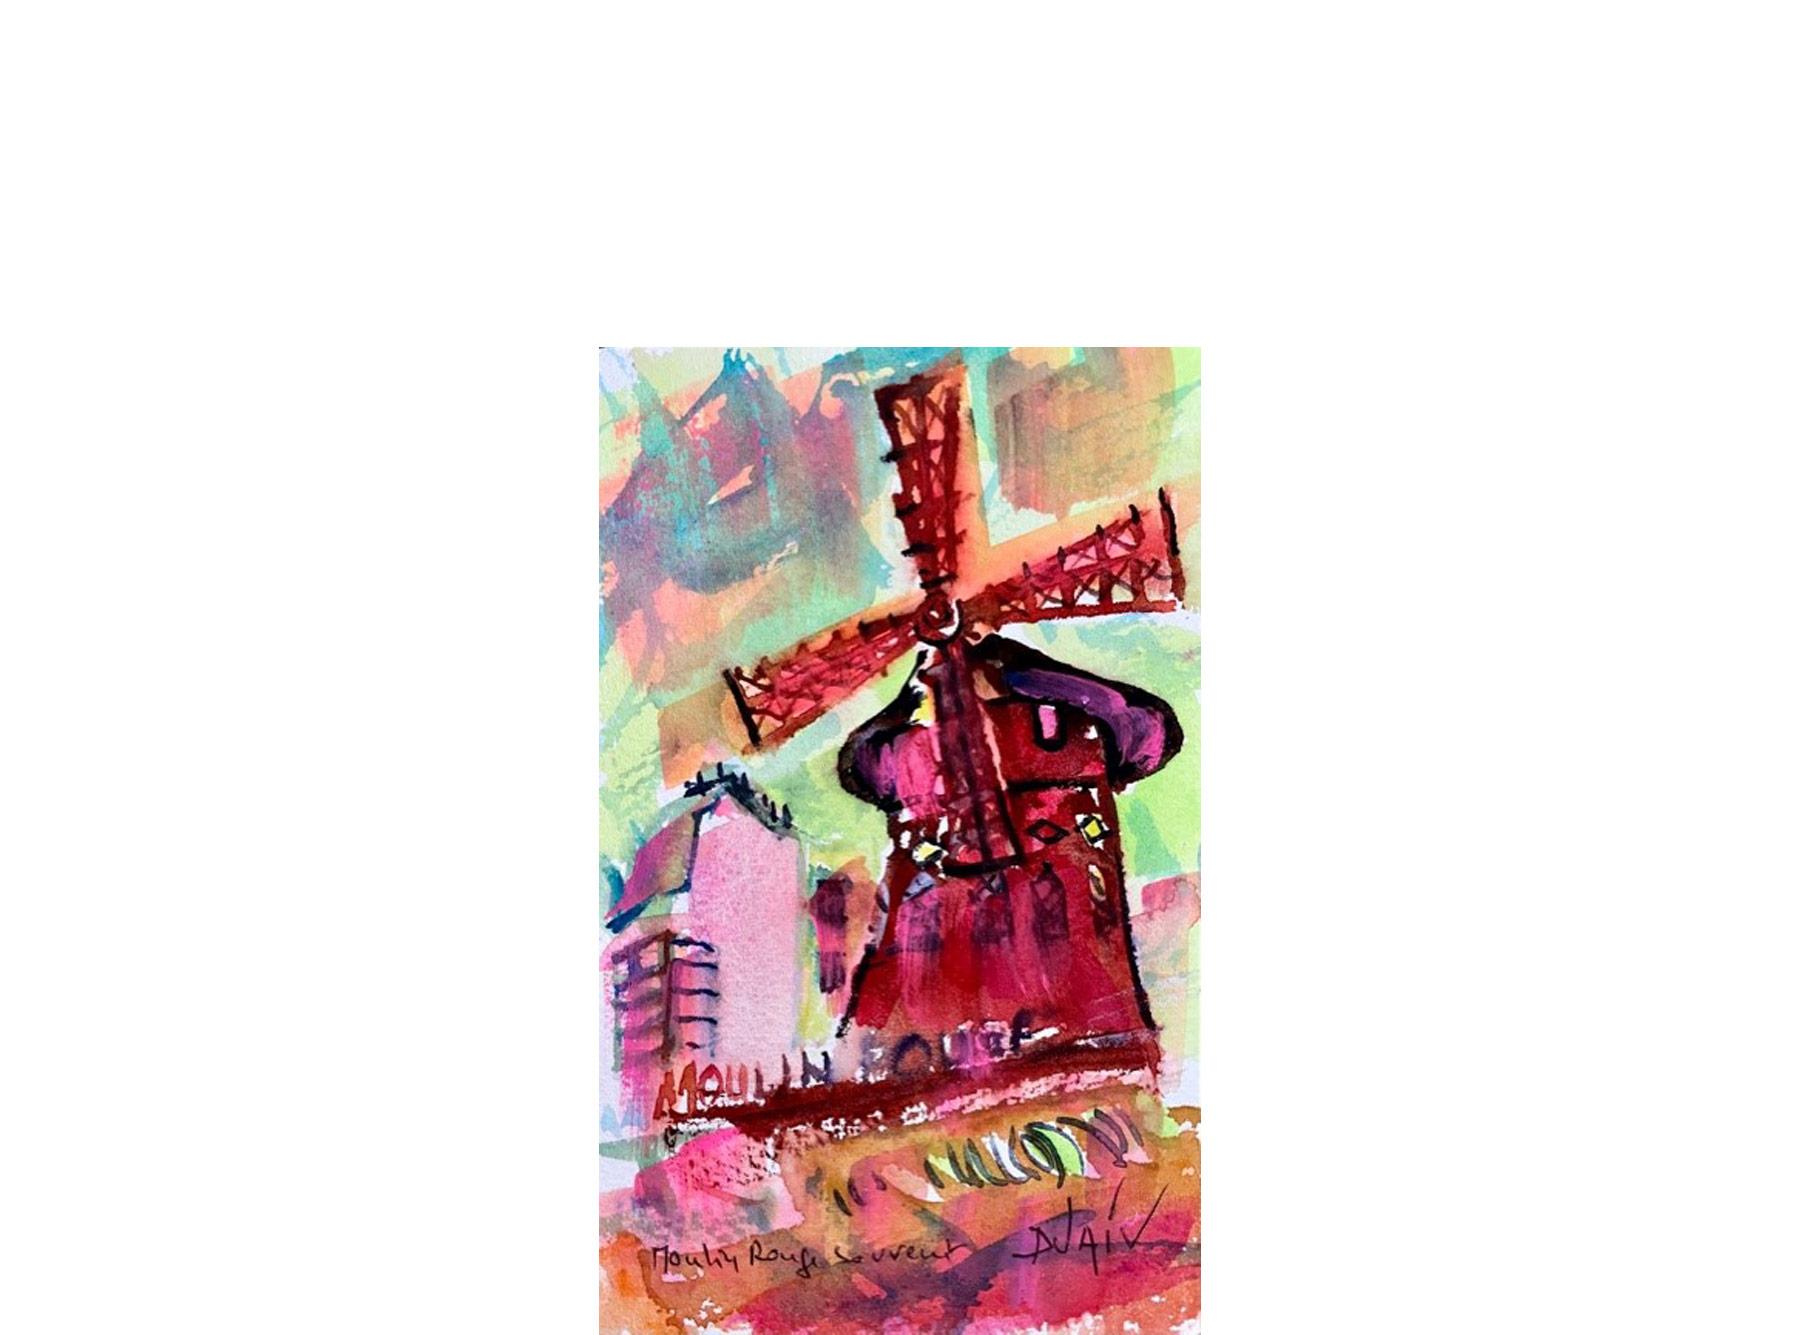 Moulin Rouge Souvenir 7'' x 4.5''